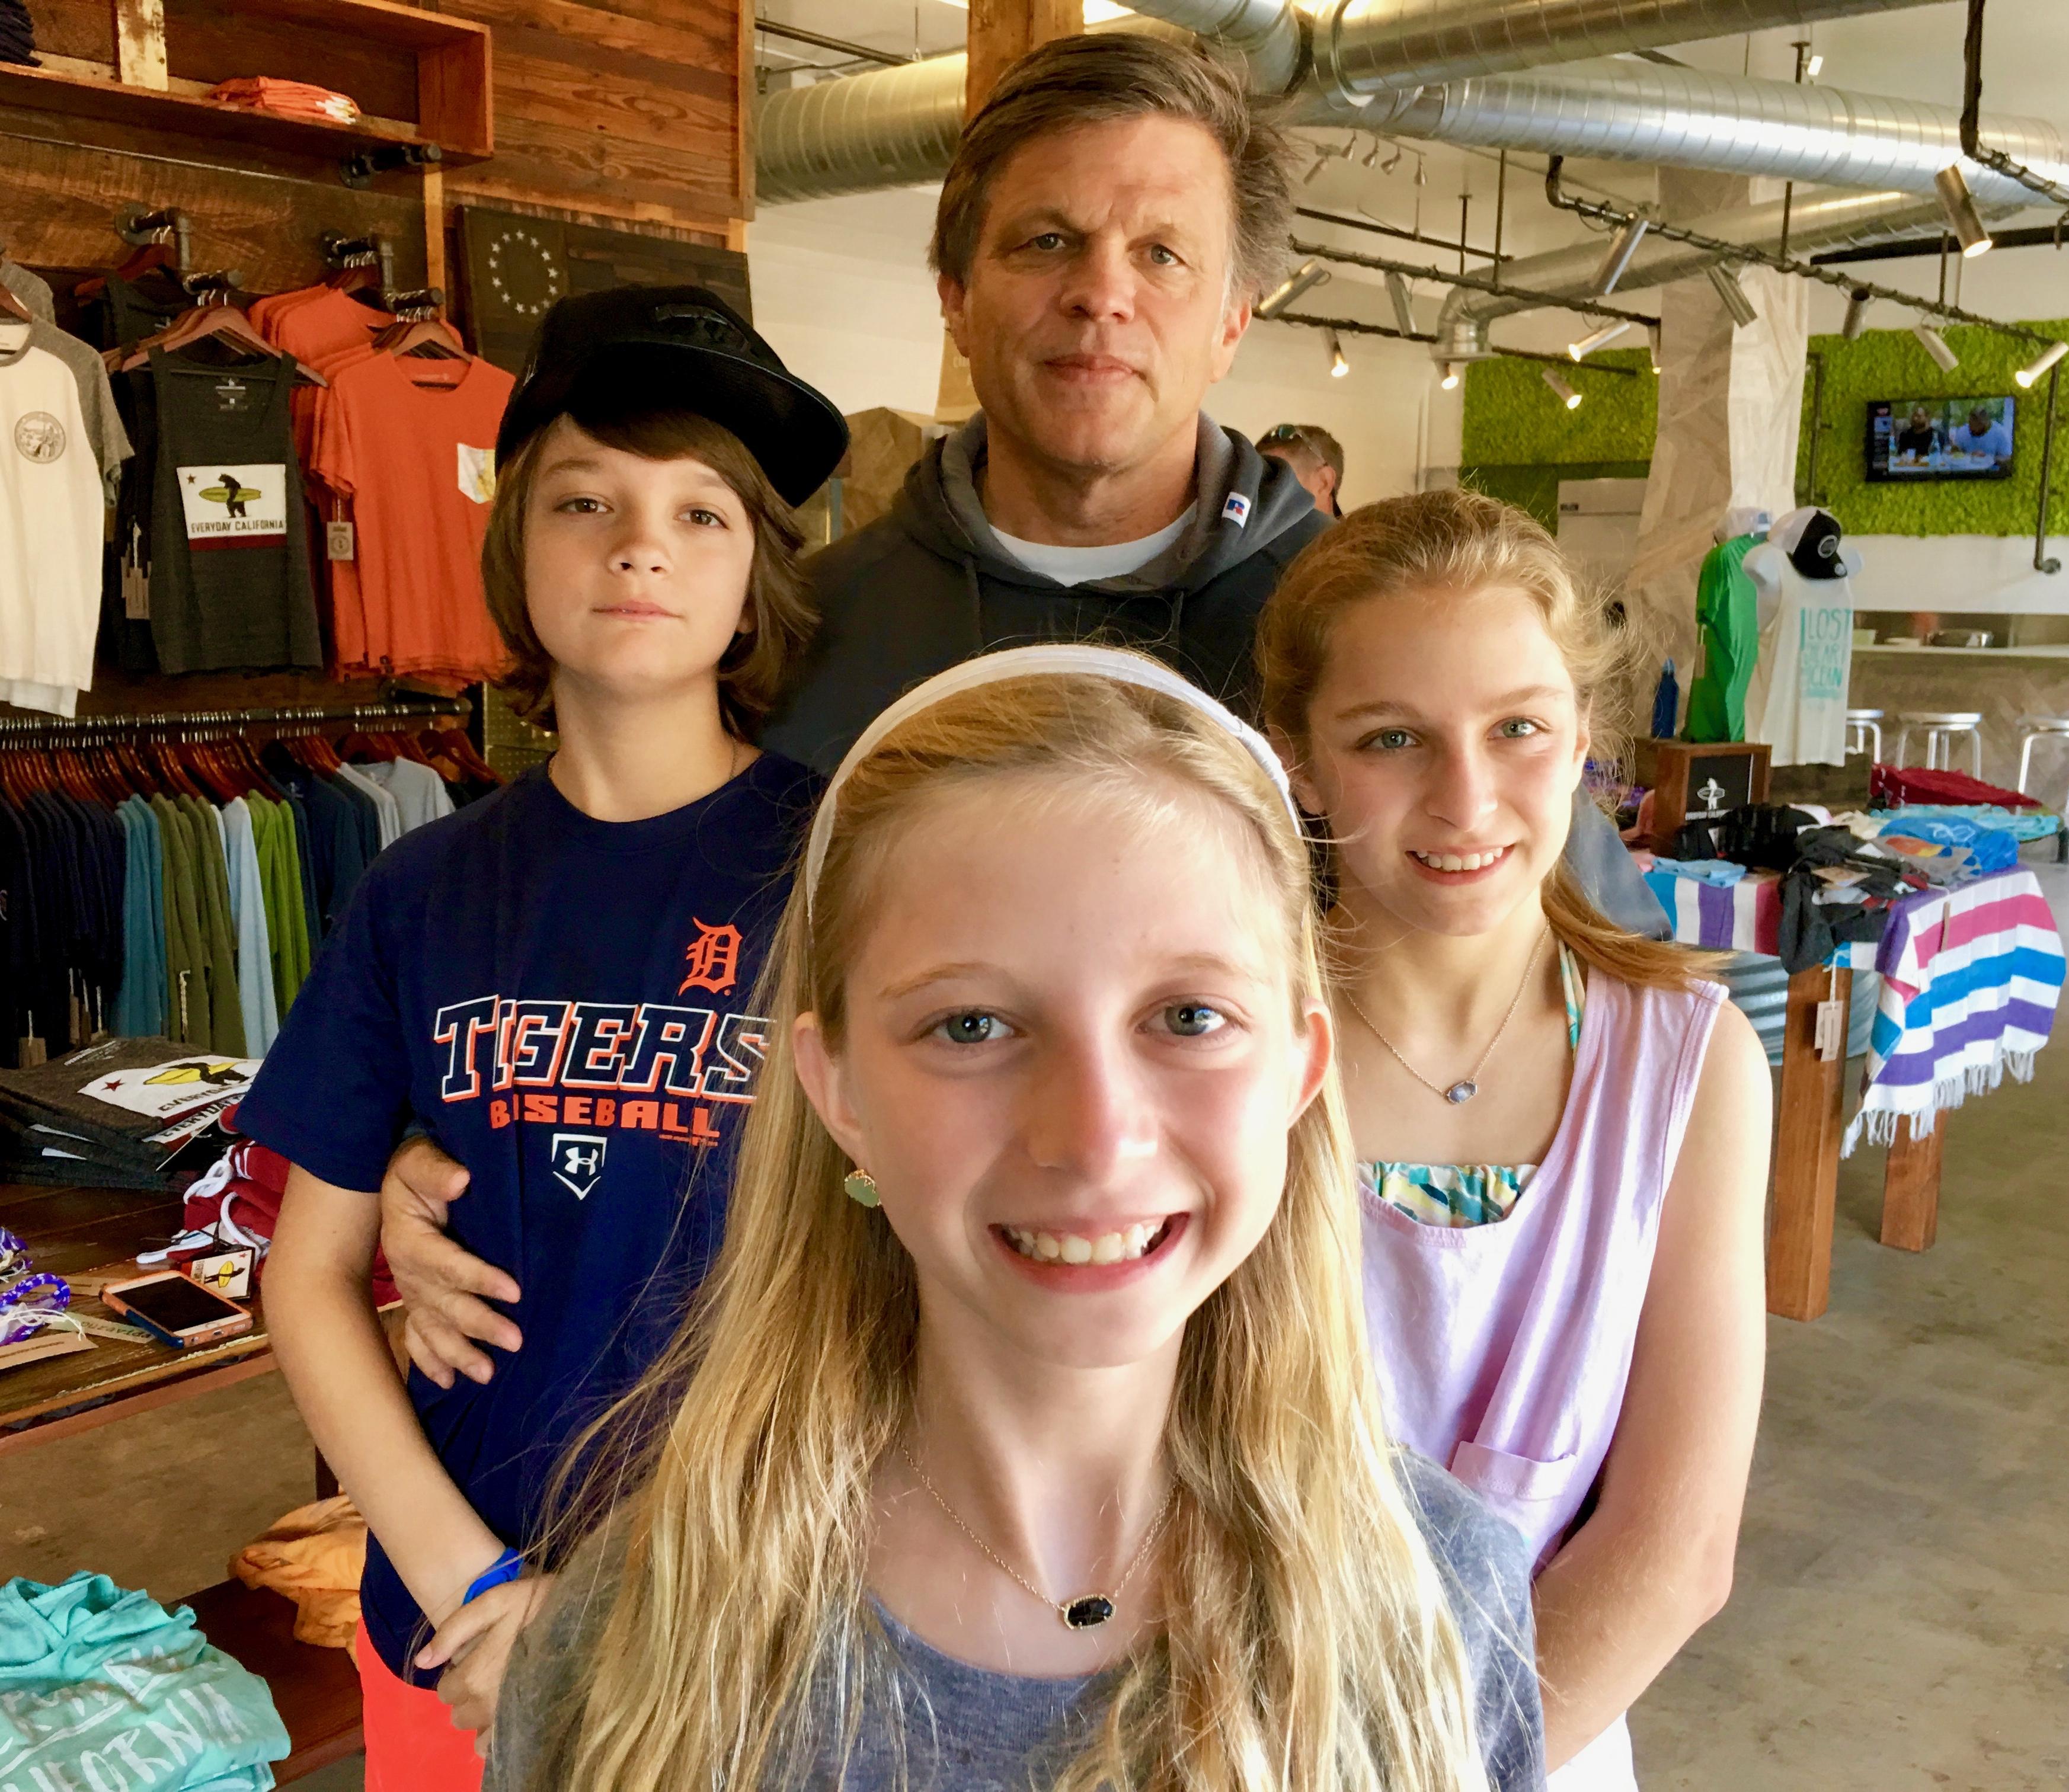 Douglas Brinkley and his kids